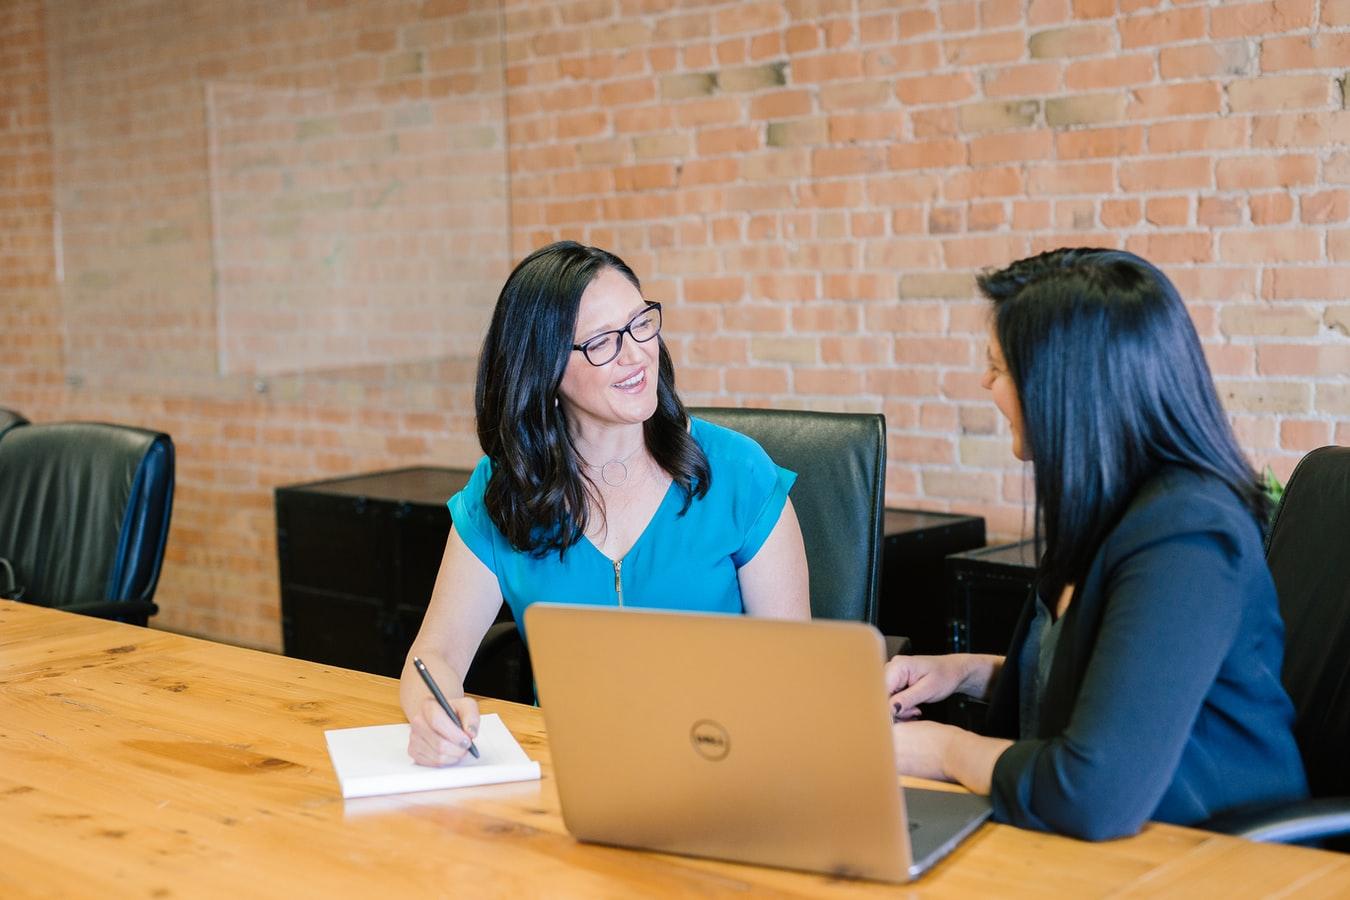 Uma pessoa entrevistando outra pra uma vaga de emprego